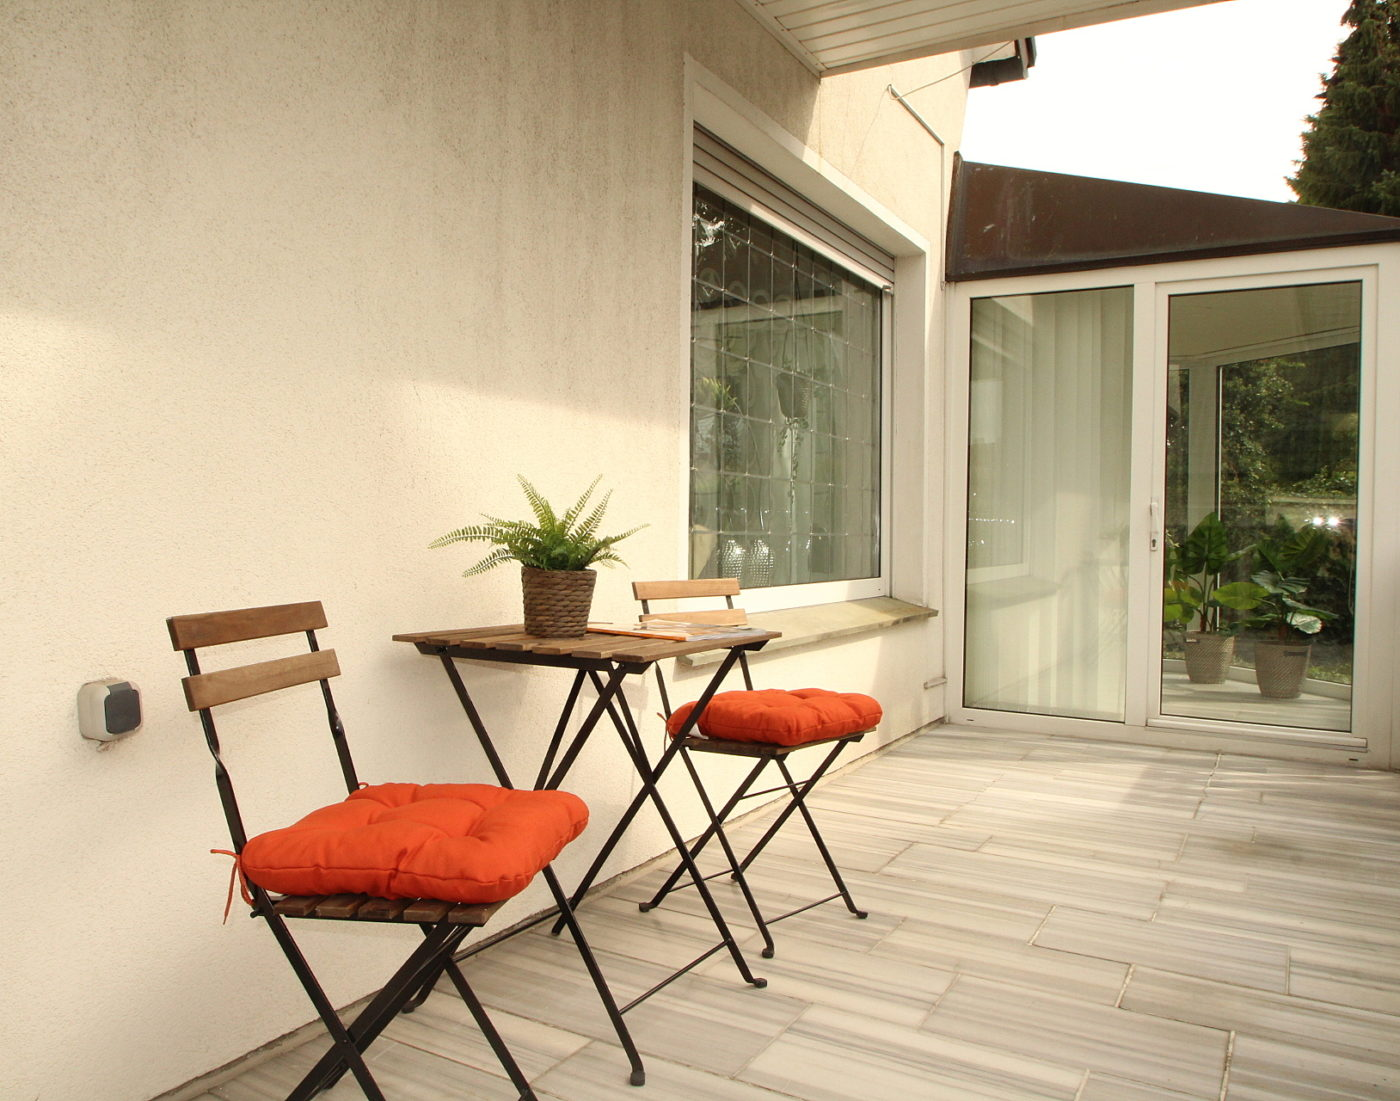 Blickfang Home Staging verwandelt Häuser in ein Zuhause und auch der Aussenbereich wird optisch aufbereitet und liebevoll präsentiert